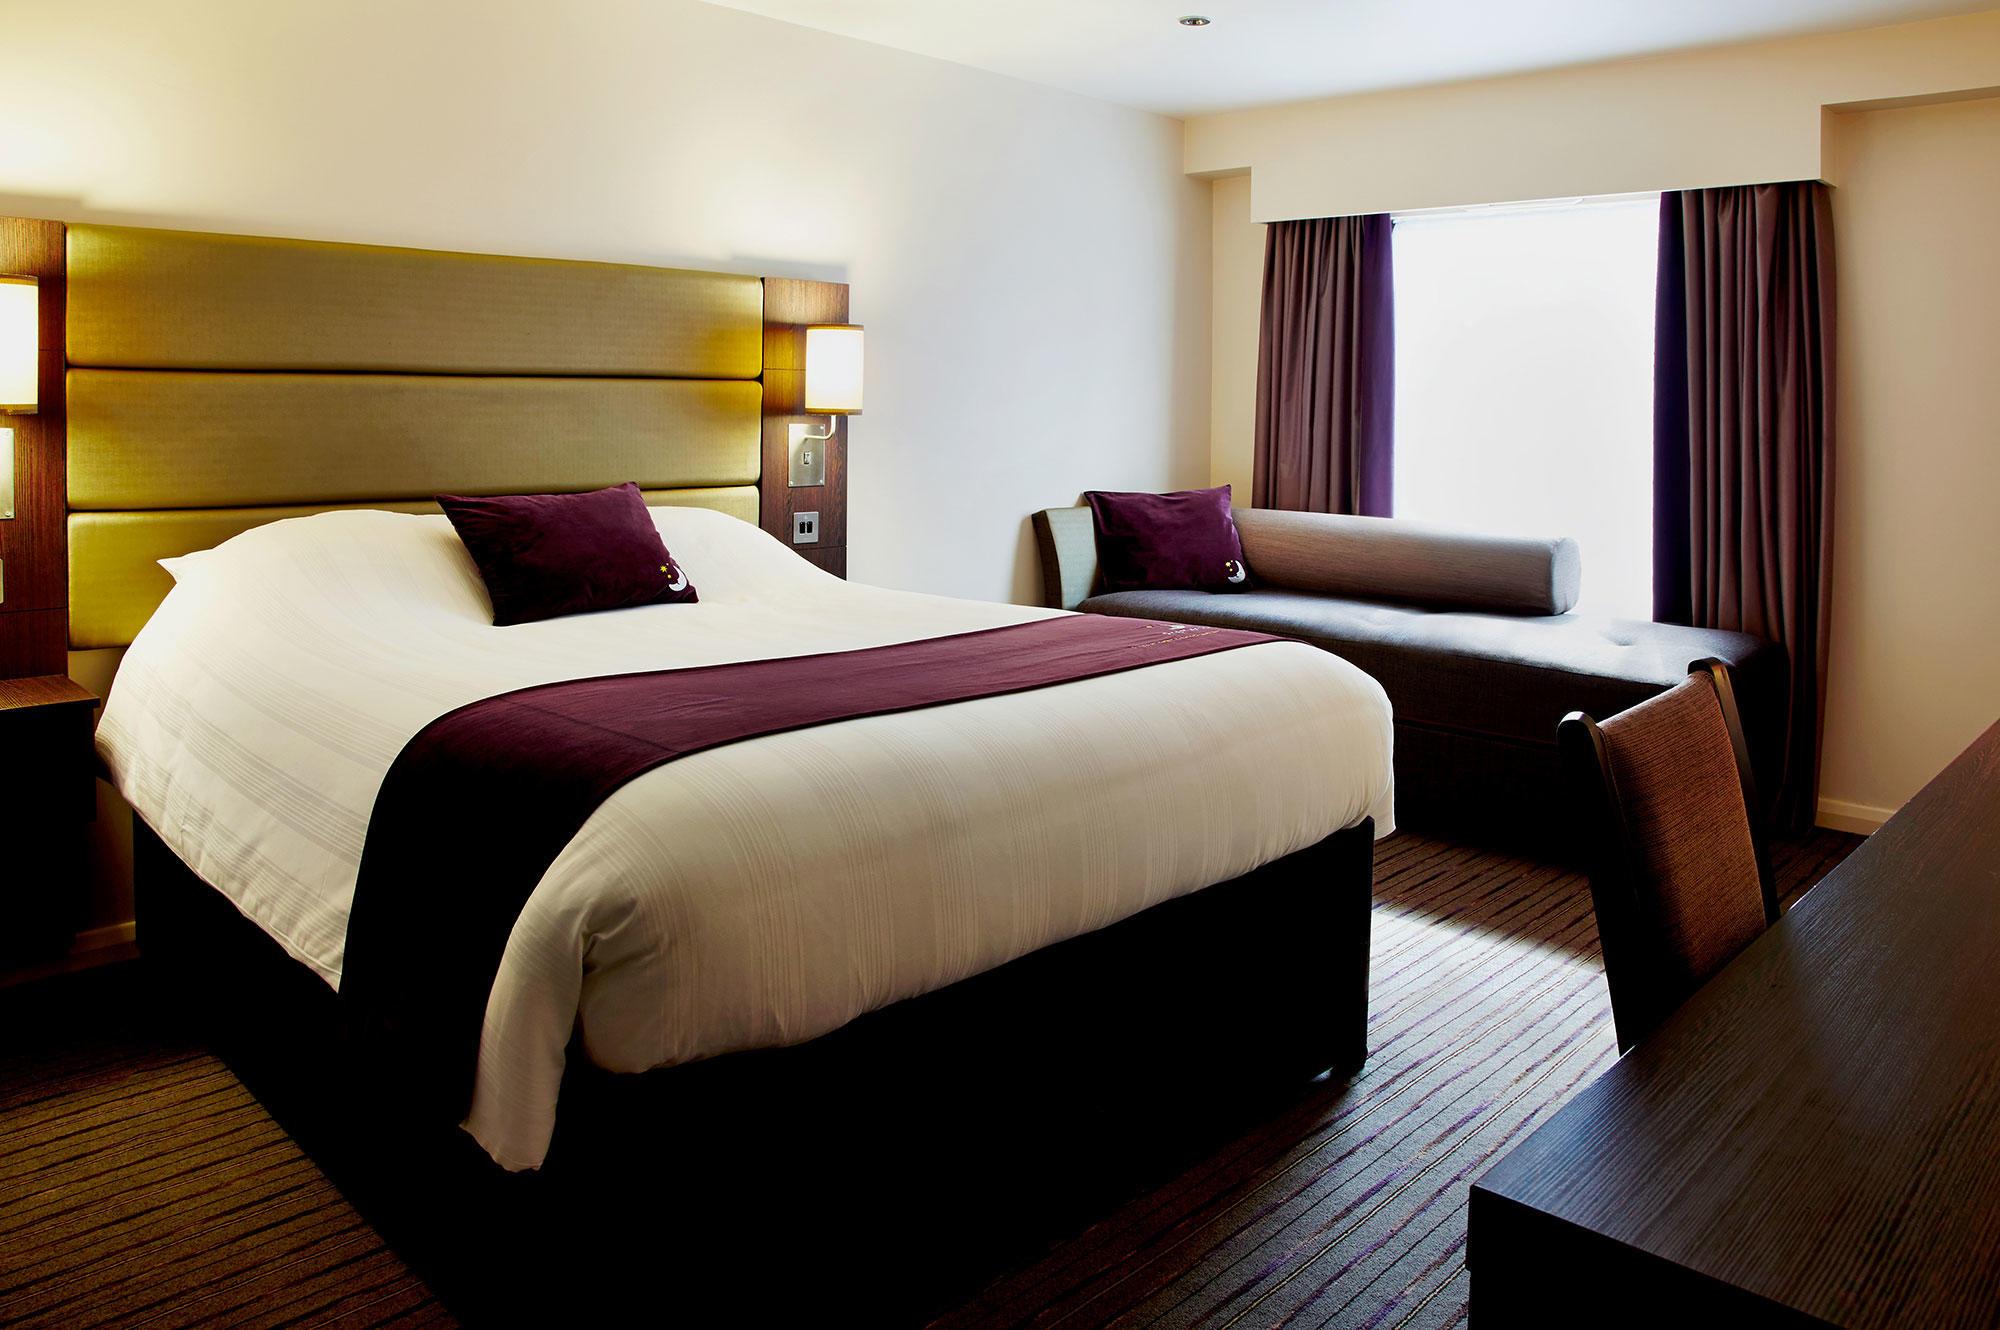 Premier inn aberystwyth hotel hotels in aberystwyth for Room 4 design leeds